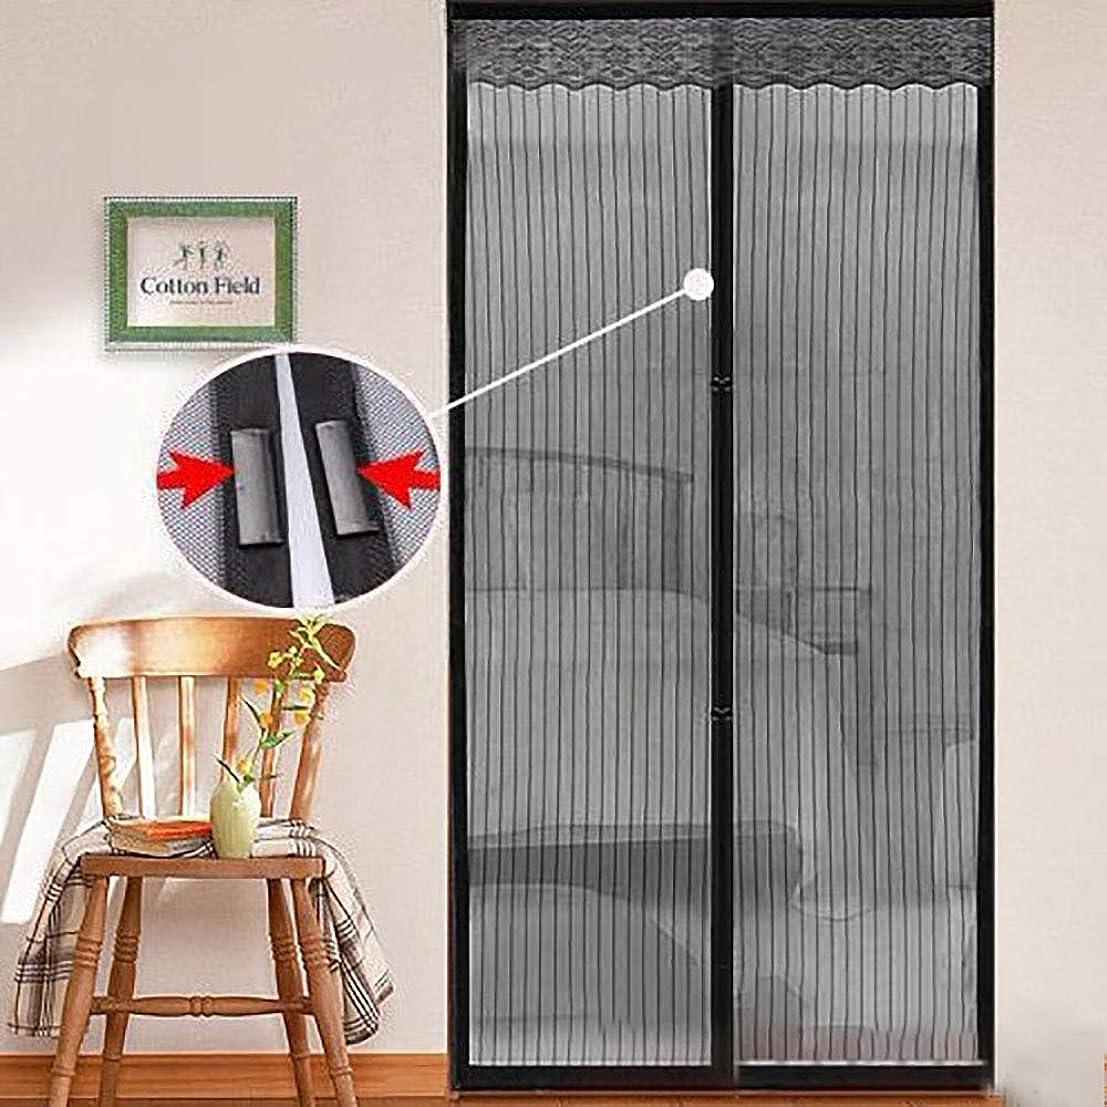 エコー見分けるピストル磁気フライスクリーンのドア、フルフレームの接着剤のストリップの網のカーテン、レースは戸口のための昆虫スクリーンのドアカバーの手の自由なはえのカーテンの新しい空気をさせます,90x210cm